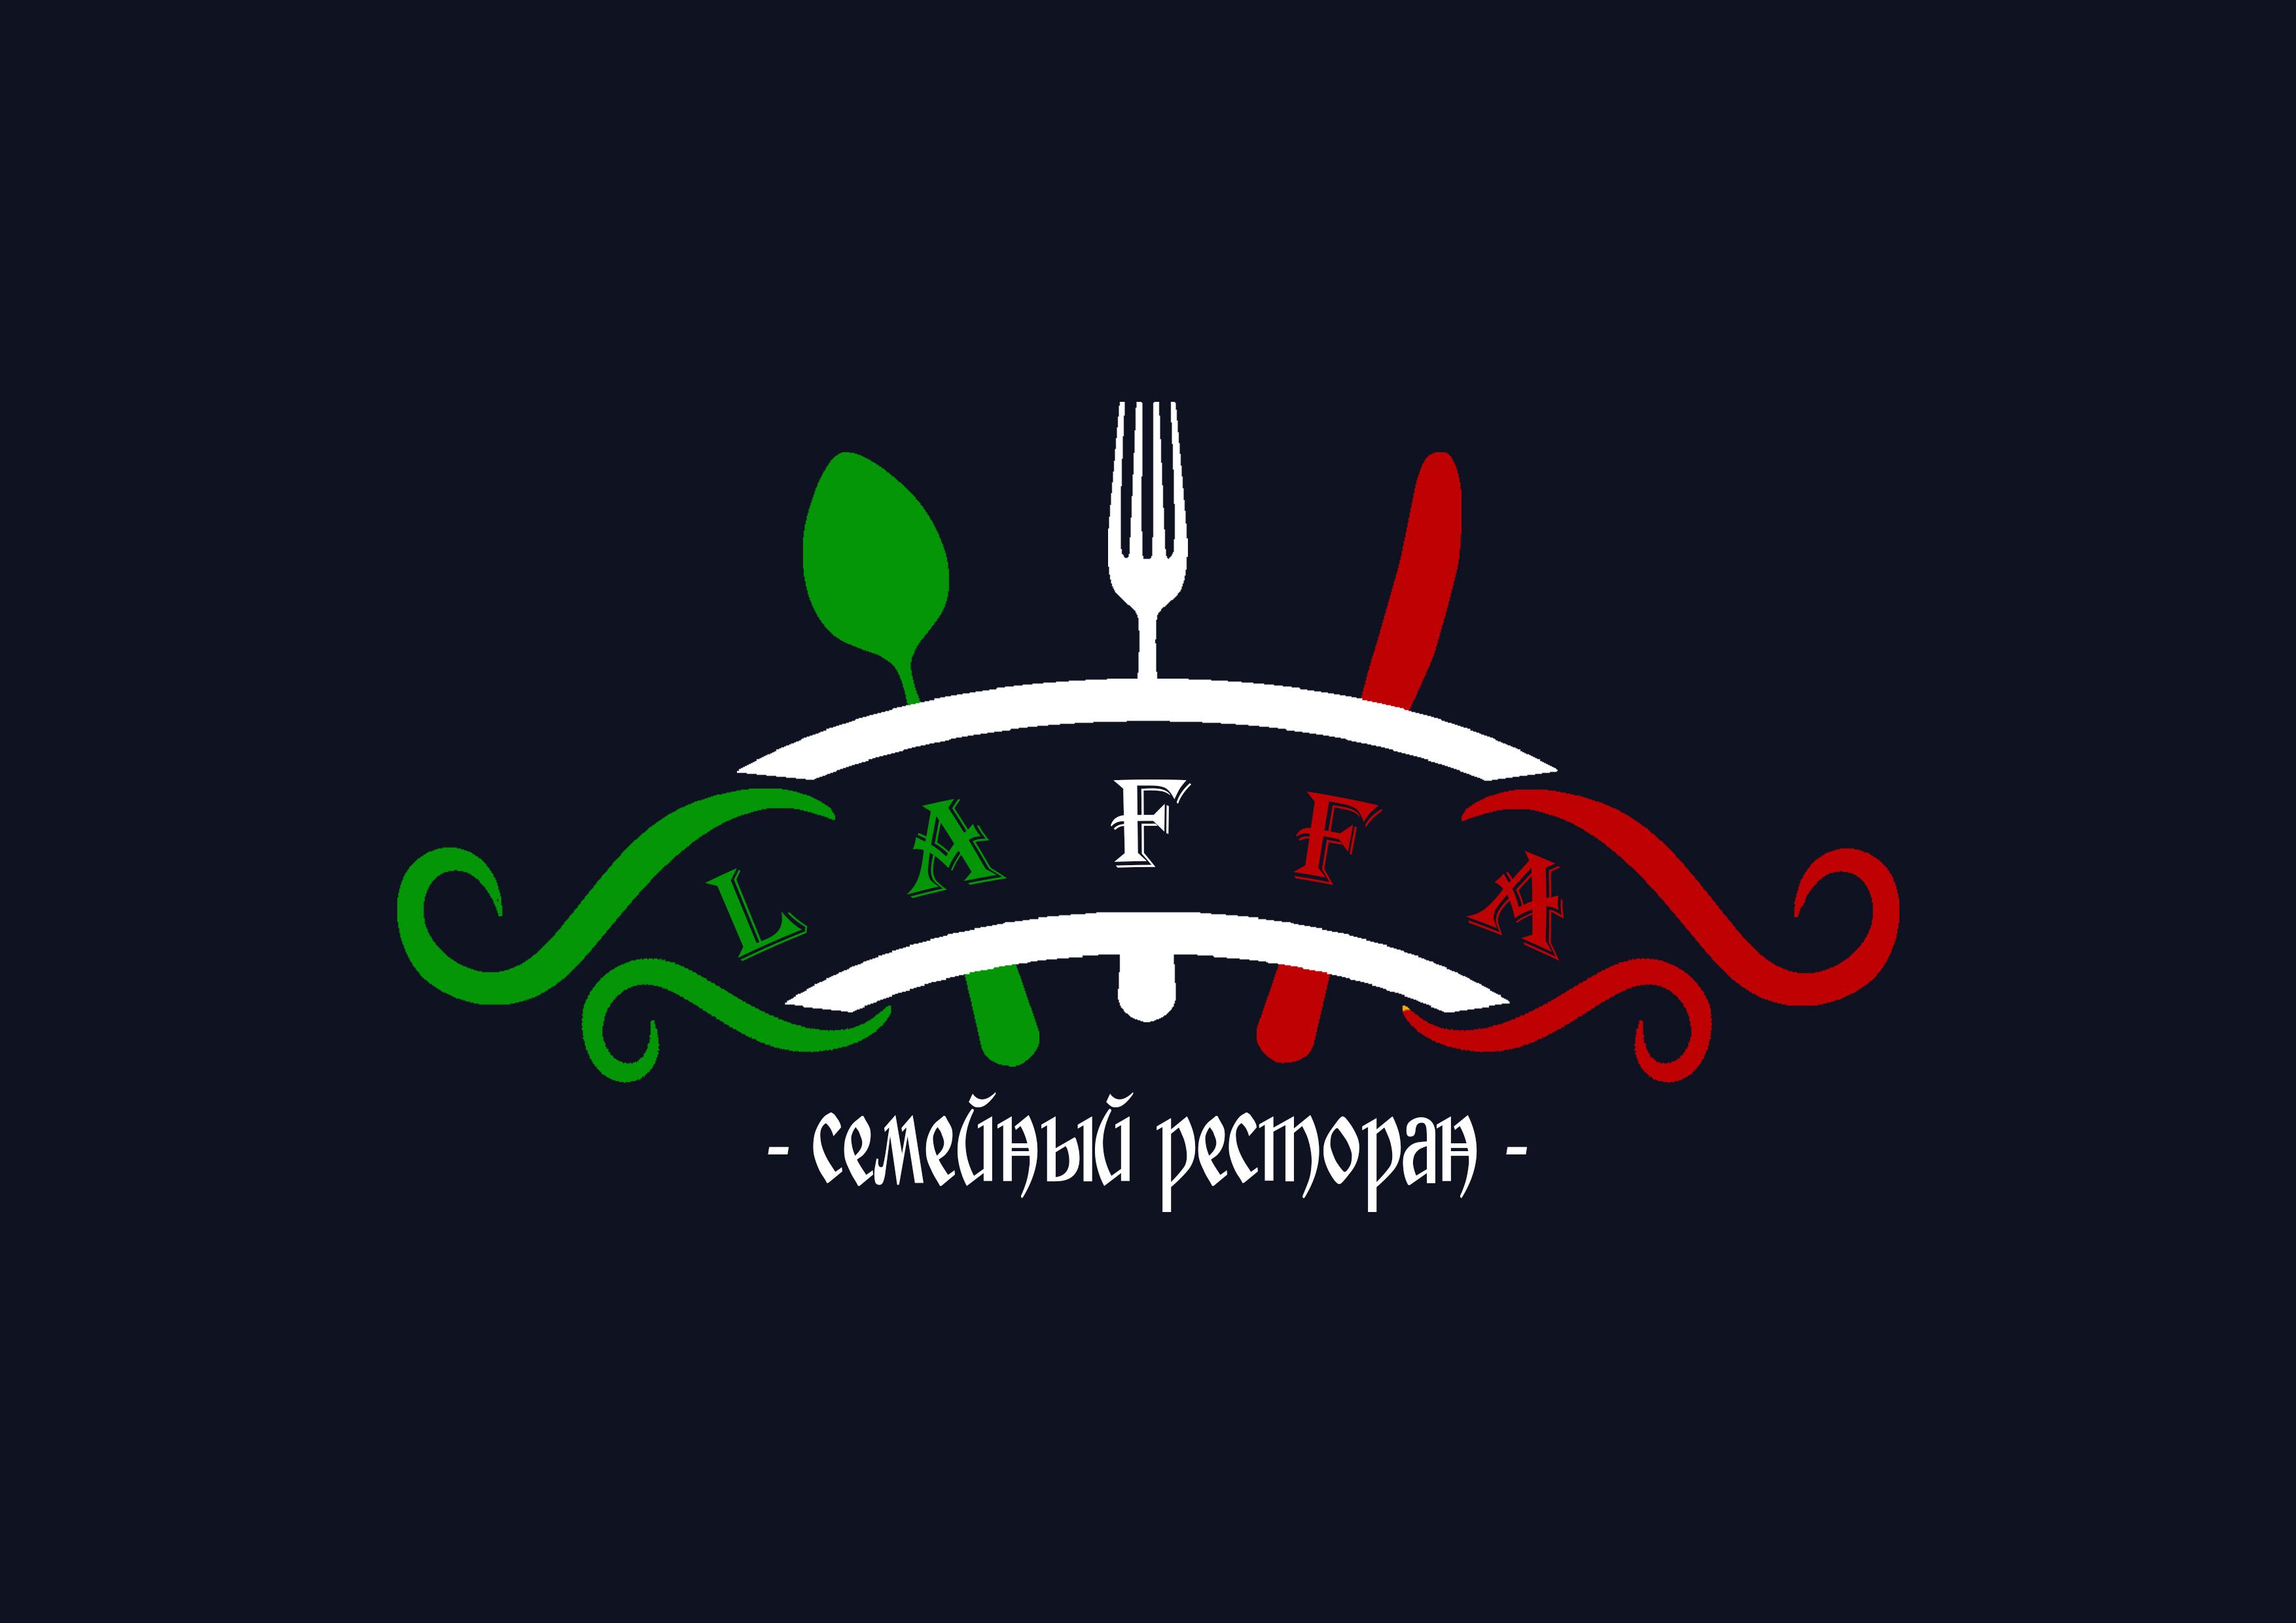 Лого для итальянского семейного ресторана  парт2